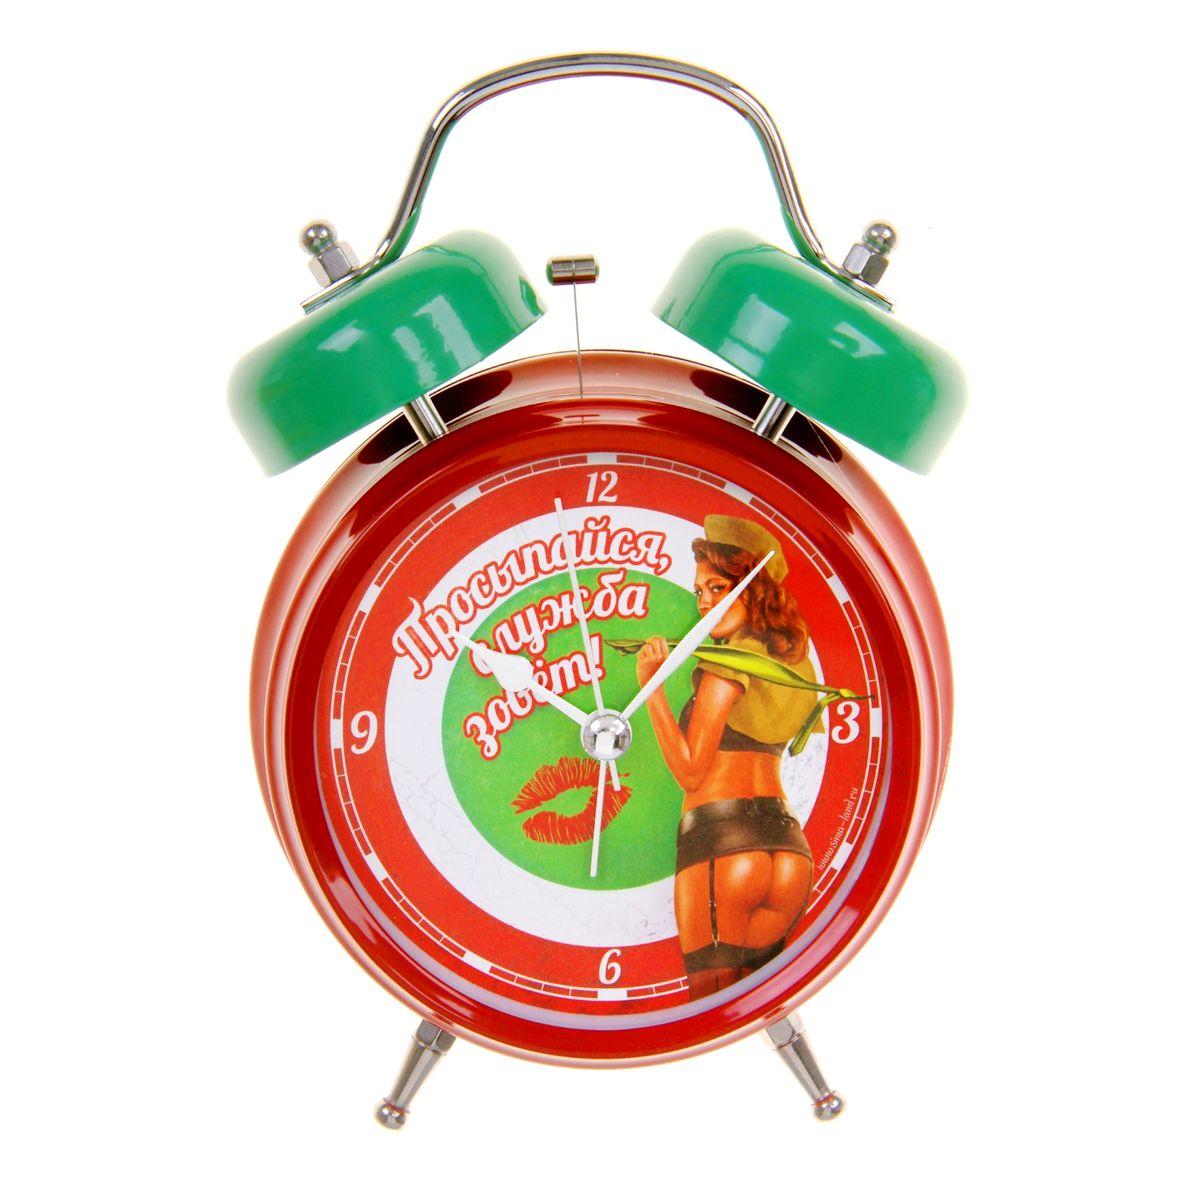 Часы-будильник Sima-land Служба зовет839680Как же сложно иногда вставать вовремя! Всегда так хочется поспать еще хотя бы 5 минут и бывает, что мы просыпаем. Теперь этого не случится! Яркий, оригинальный будильник Sima-land Служба зовет поможет вам всегда вставать в нужное время и успевать везде и всюду. Корпус будильника выполнен из металла. Циферблат оформлен изображением девушки и надписью: Просыпайся, служба зовет!, имеет индикацию арабскими цифрами с отметками. Часы снабжены 4 стрелками (секундная, минутная, часовая и для будильника). На задней панели будильника расположен переключатель включения/выключения механизма, а также два колесика для настройки текущего времени и времени звонка будильника. Пользоваться будильником очень легко: нужно всего лишь поставить батарейки, настроить точное время и установить время звонка. Необходимо докупить 2 батарейки типа АА напряжением 1,5 V (не входят в комплект).